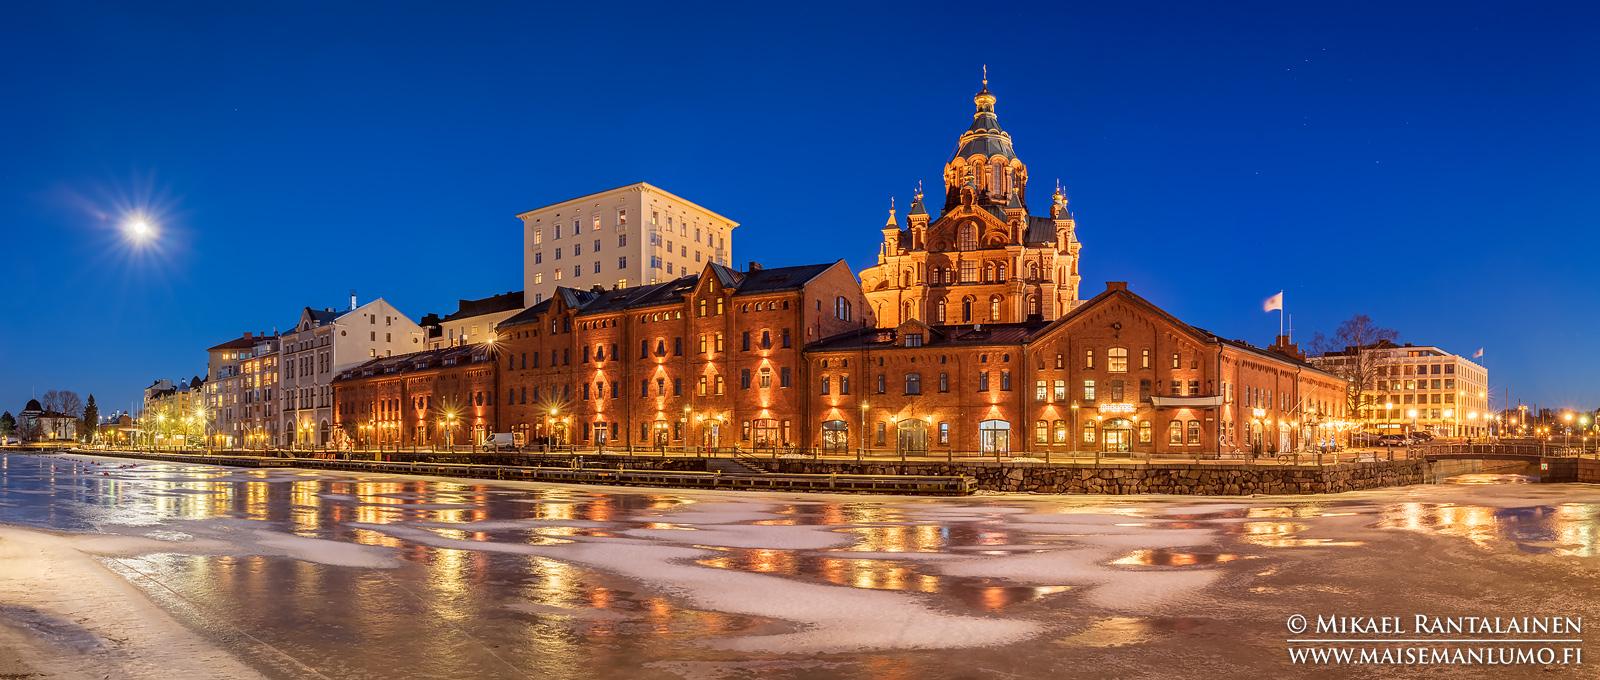 Kanavaranta ja Uspenskin katedraali, Helsinki (HP153)